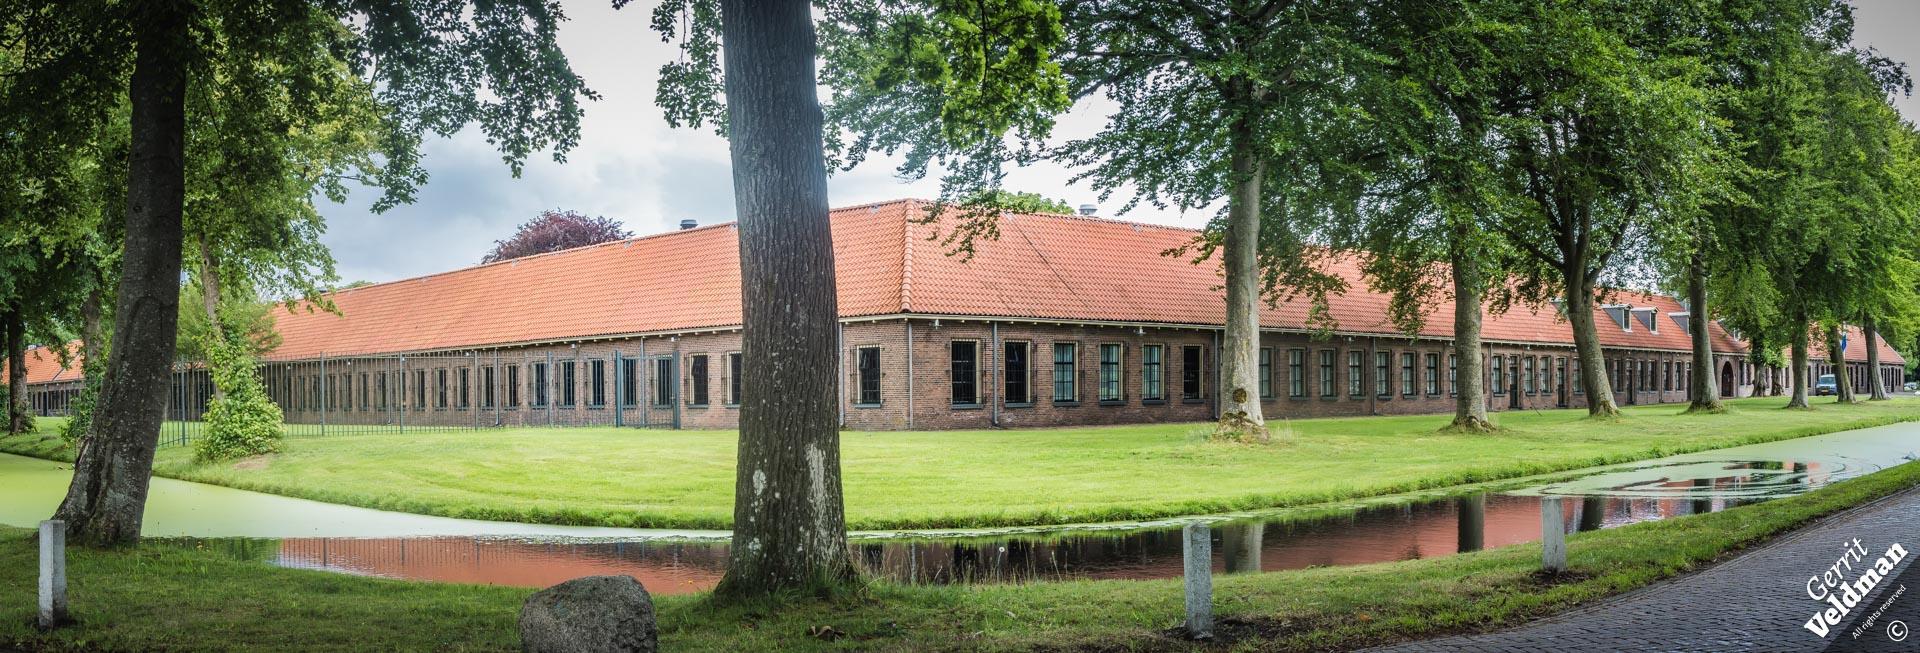 Gevangenismuseum, Veenhuizen